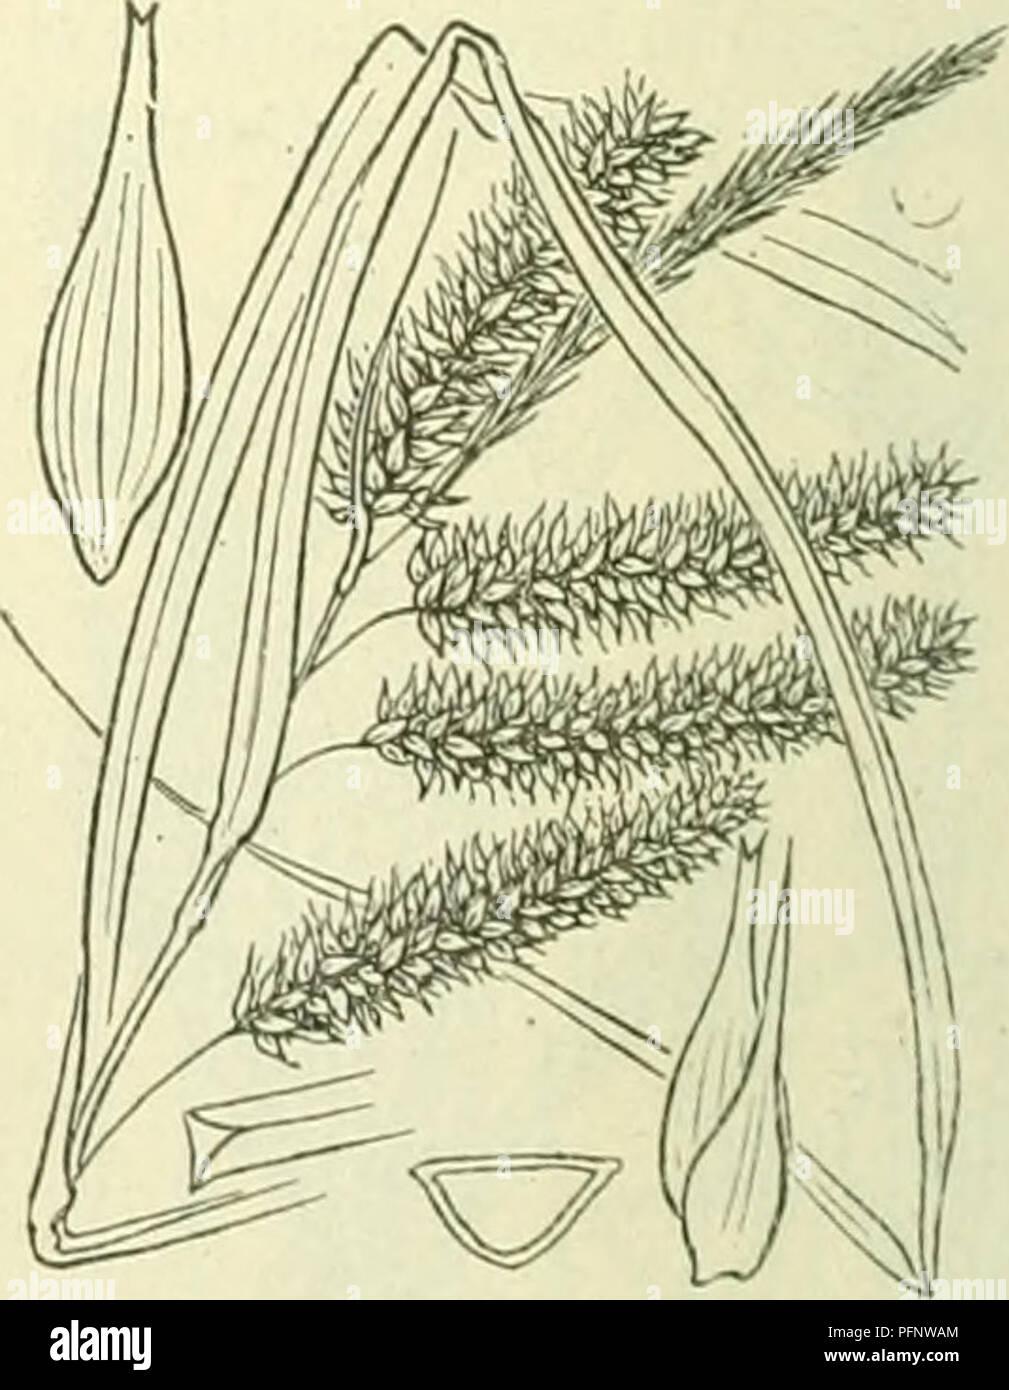 . De flora van Nederland. Plants. Carex fulva Fig. 332. A B C D. Deelen der plant, / manne- lijke bloem met kafje, 2 vrouwelijke bloem met kafje, 3 urntje met kafje, 4 urntje, 5 kafje. Voorkomen in Europa en in Nederland. De plant komt in geheel Europa in vochtige weiden voor. Het is niet zeker of zij bij ons voorkomt (Veenen- daal (?), Rotterdam (?)). Een bastaard van C. fulva met C. Oederi is in den vorm sub-Oéderi Aschers. et Gr. met lange wortelbladen en korten stengel bij Ootmarsum gevonden. C. Pseudo-Cy'perus-) L Cyperzegge (fig. 333). Deze plant is levendig-, ten slotte geelgroen, zoden - Stock Image